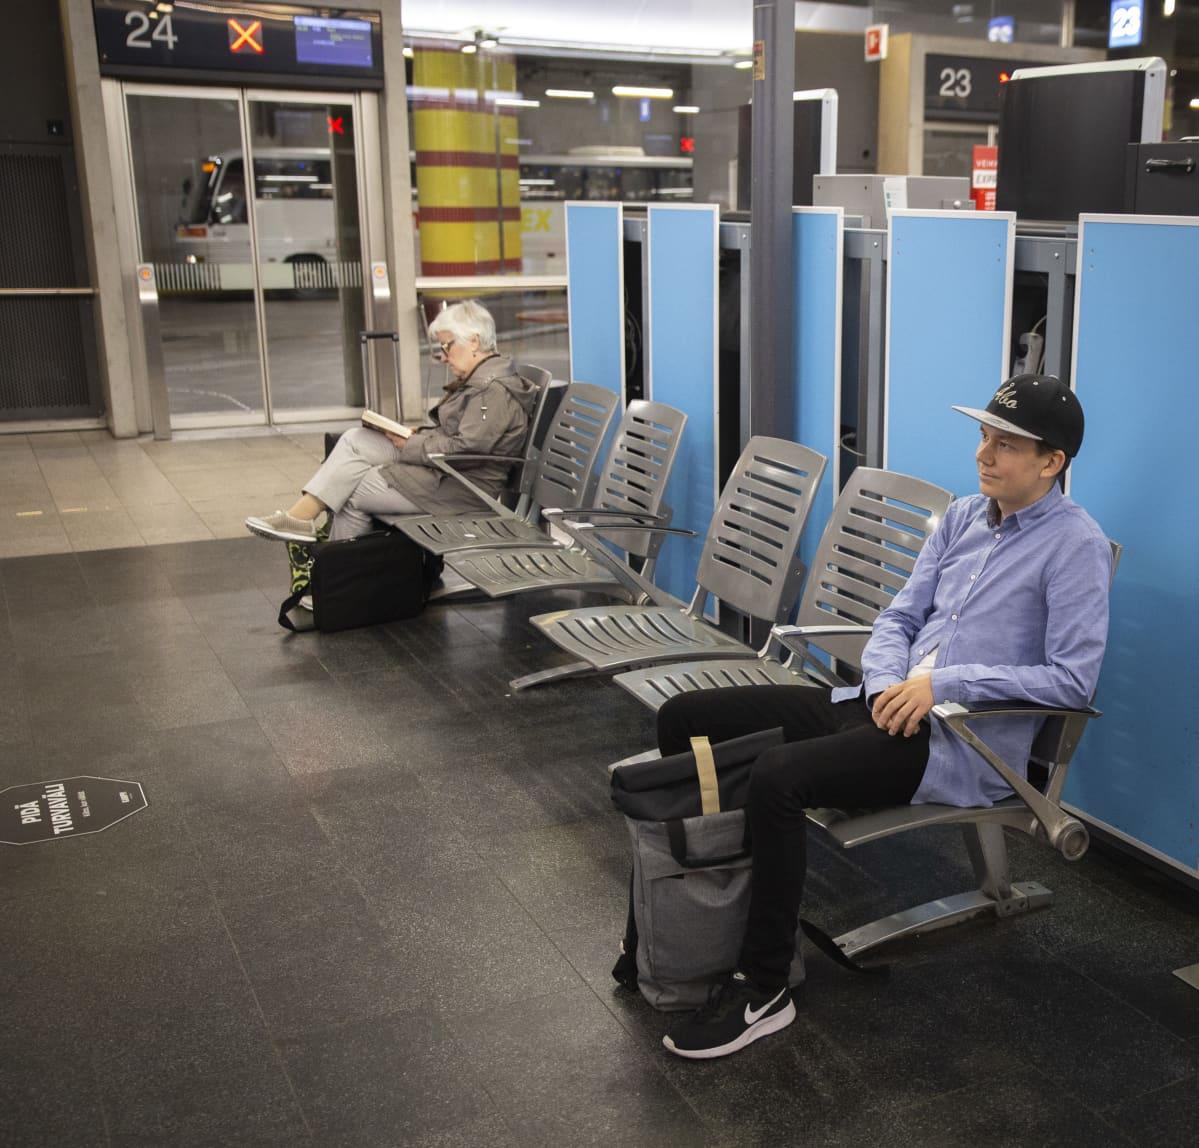 Mies odottaa bussia Kampin linja-autoasemalla.